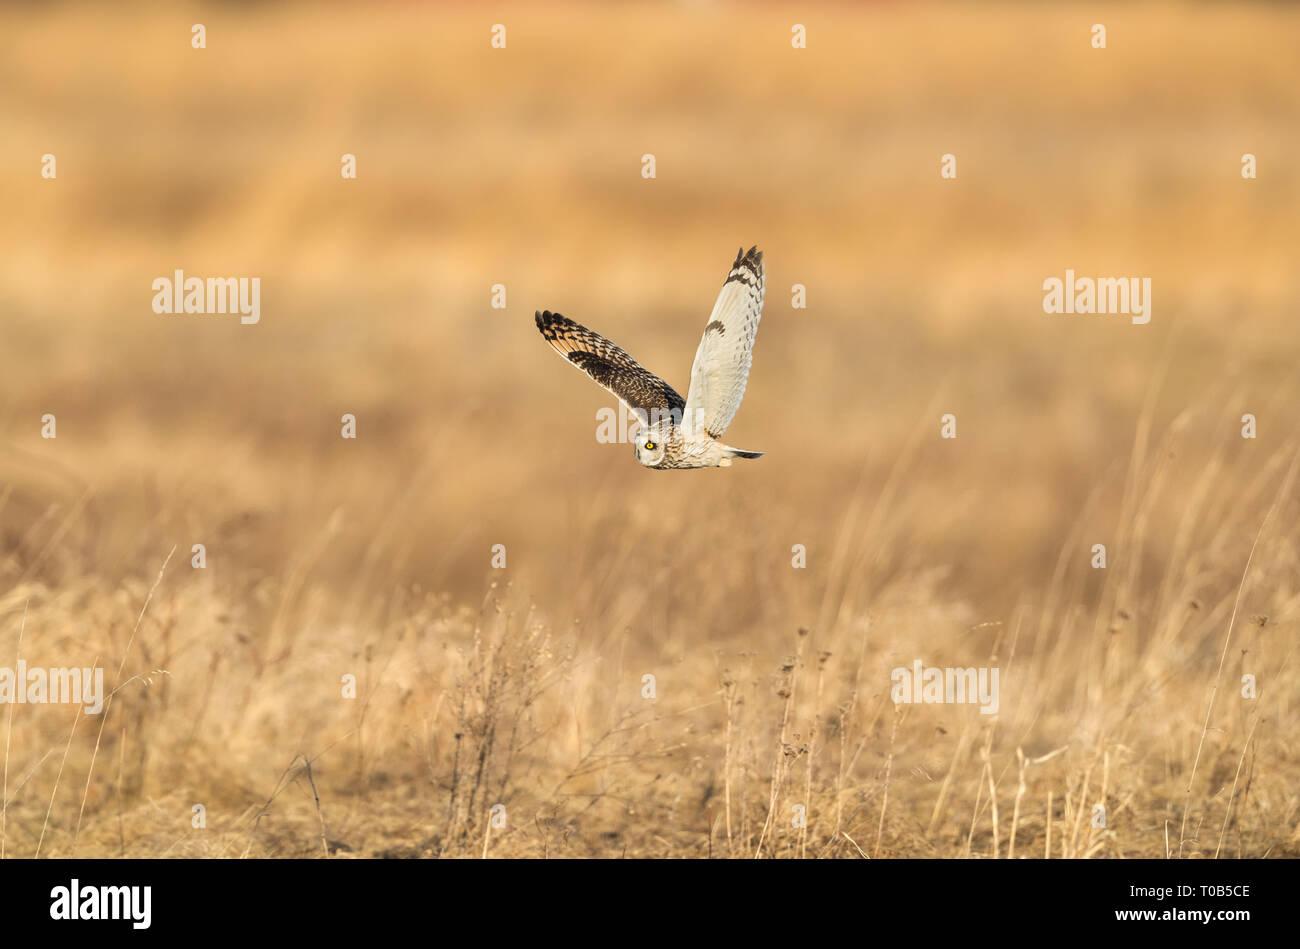 Sumpfohreule fliegt über die Farm Felder in die Suche nach der nächsten Mahlzeit Stockfoto